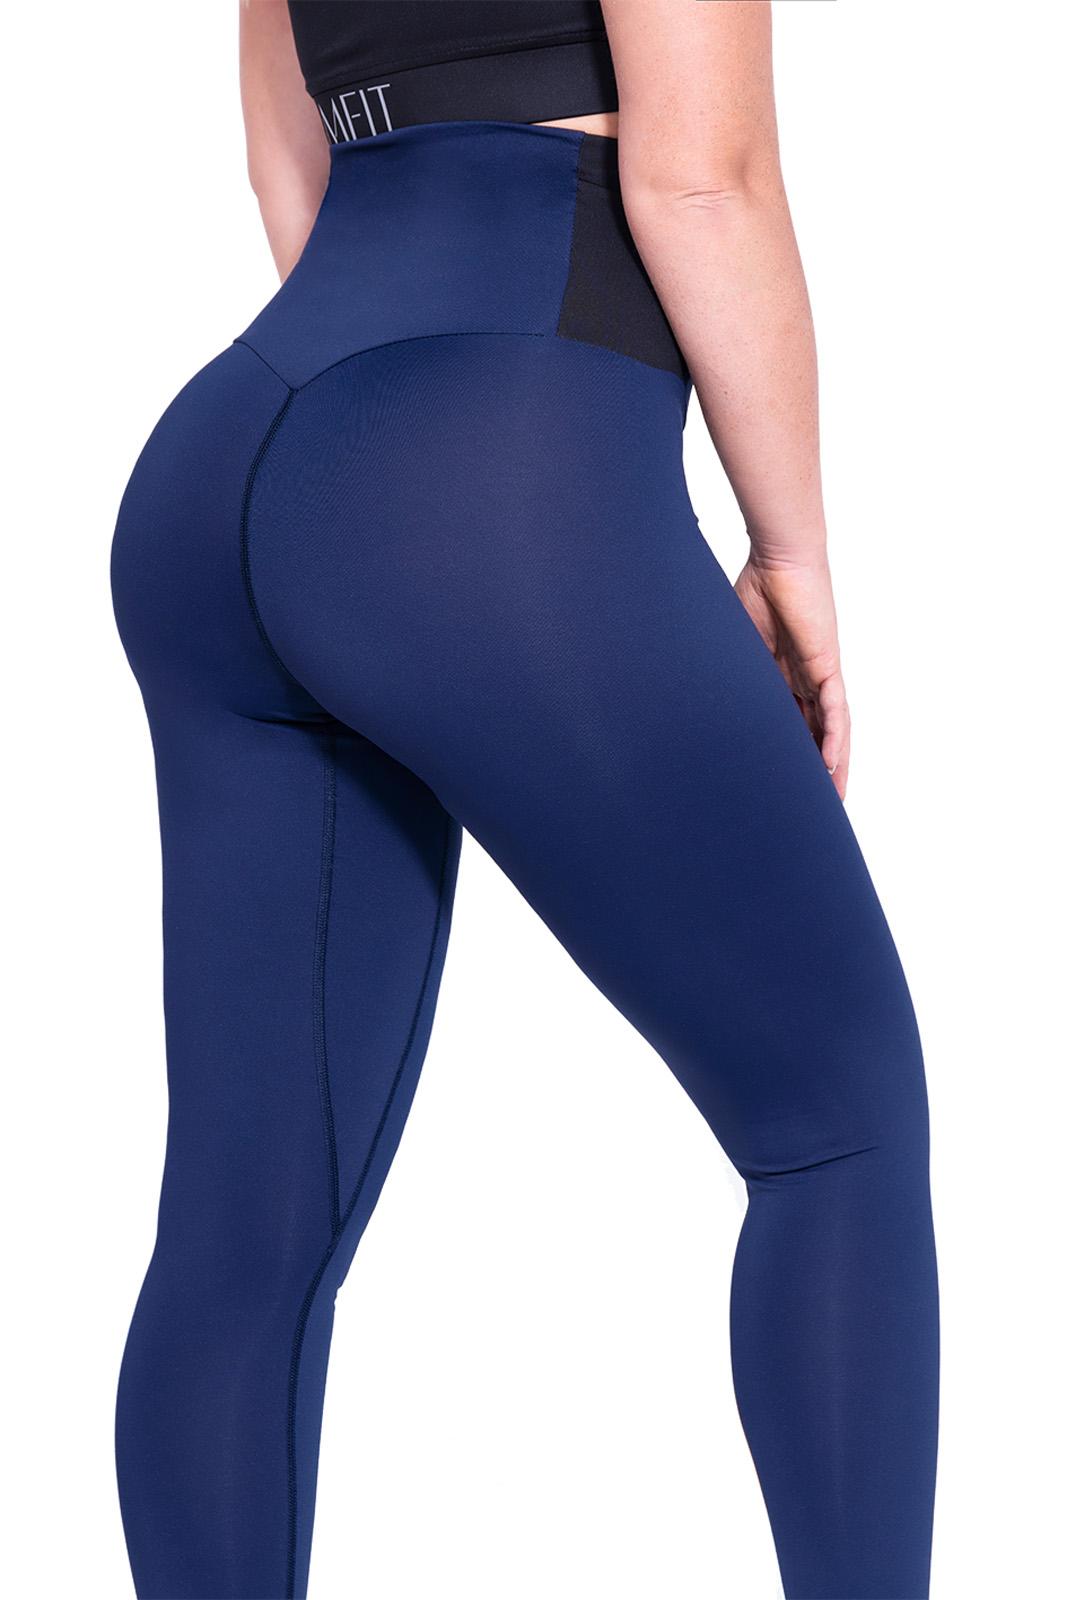 Sport legging Dames Blauw-Zwart - Mfit-3